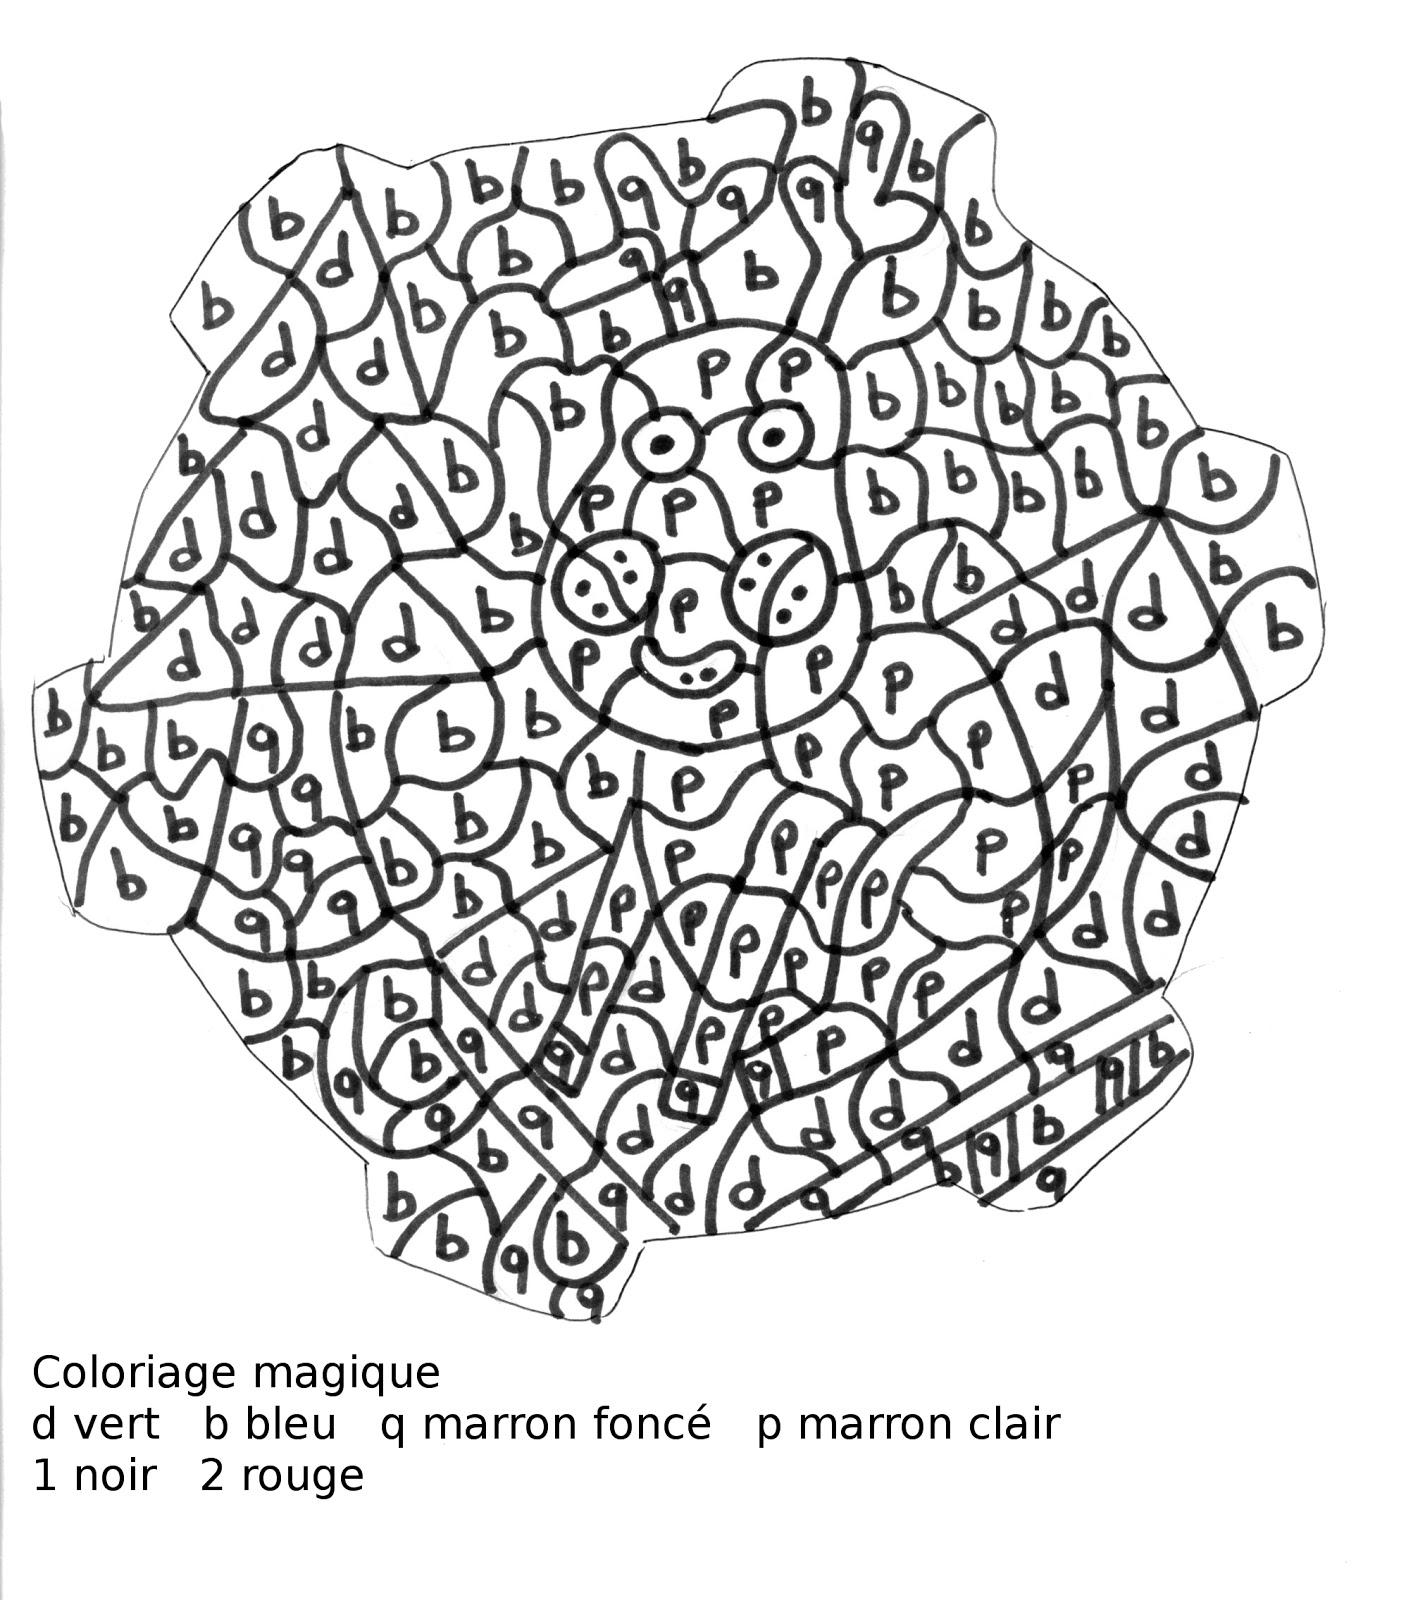 coloriage magique noel petite section